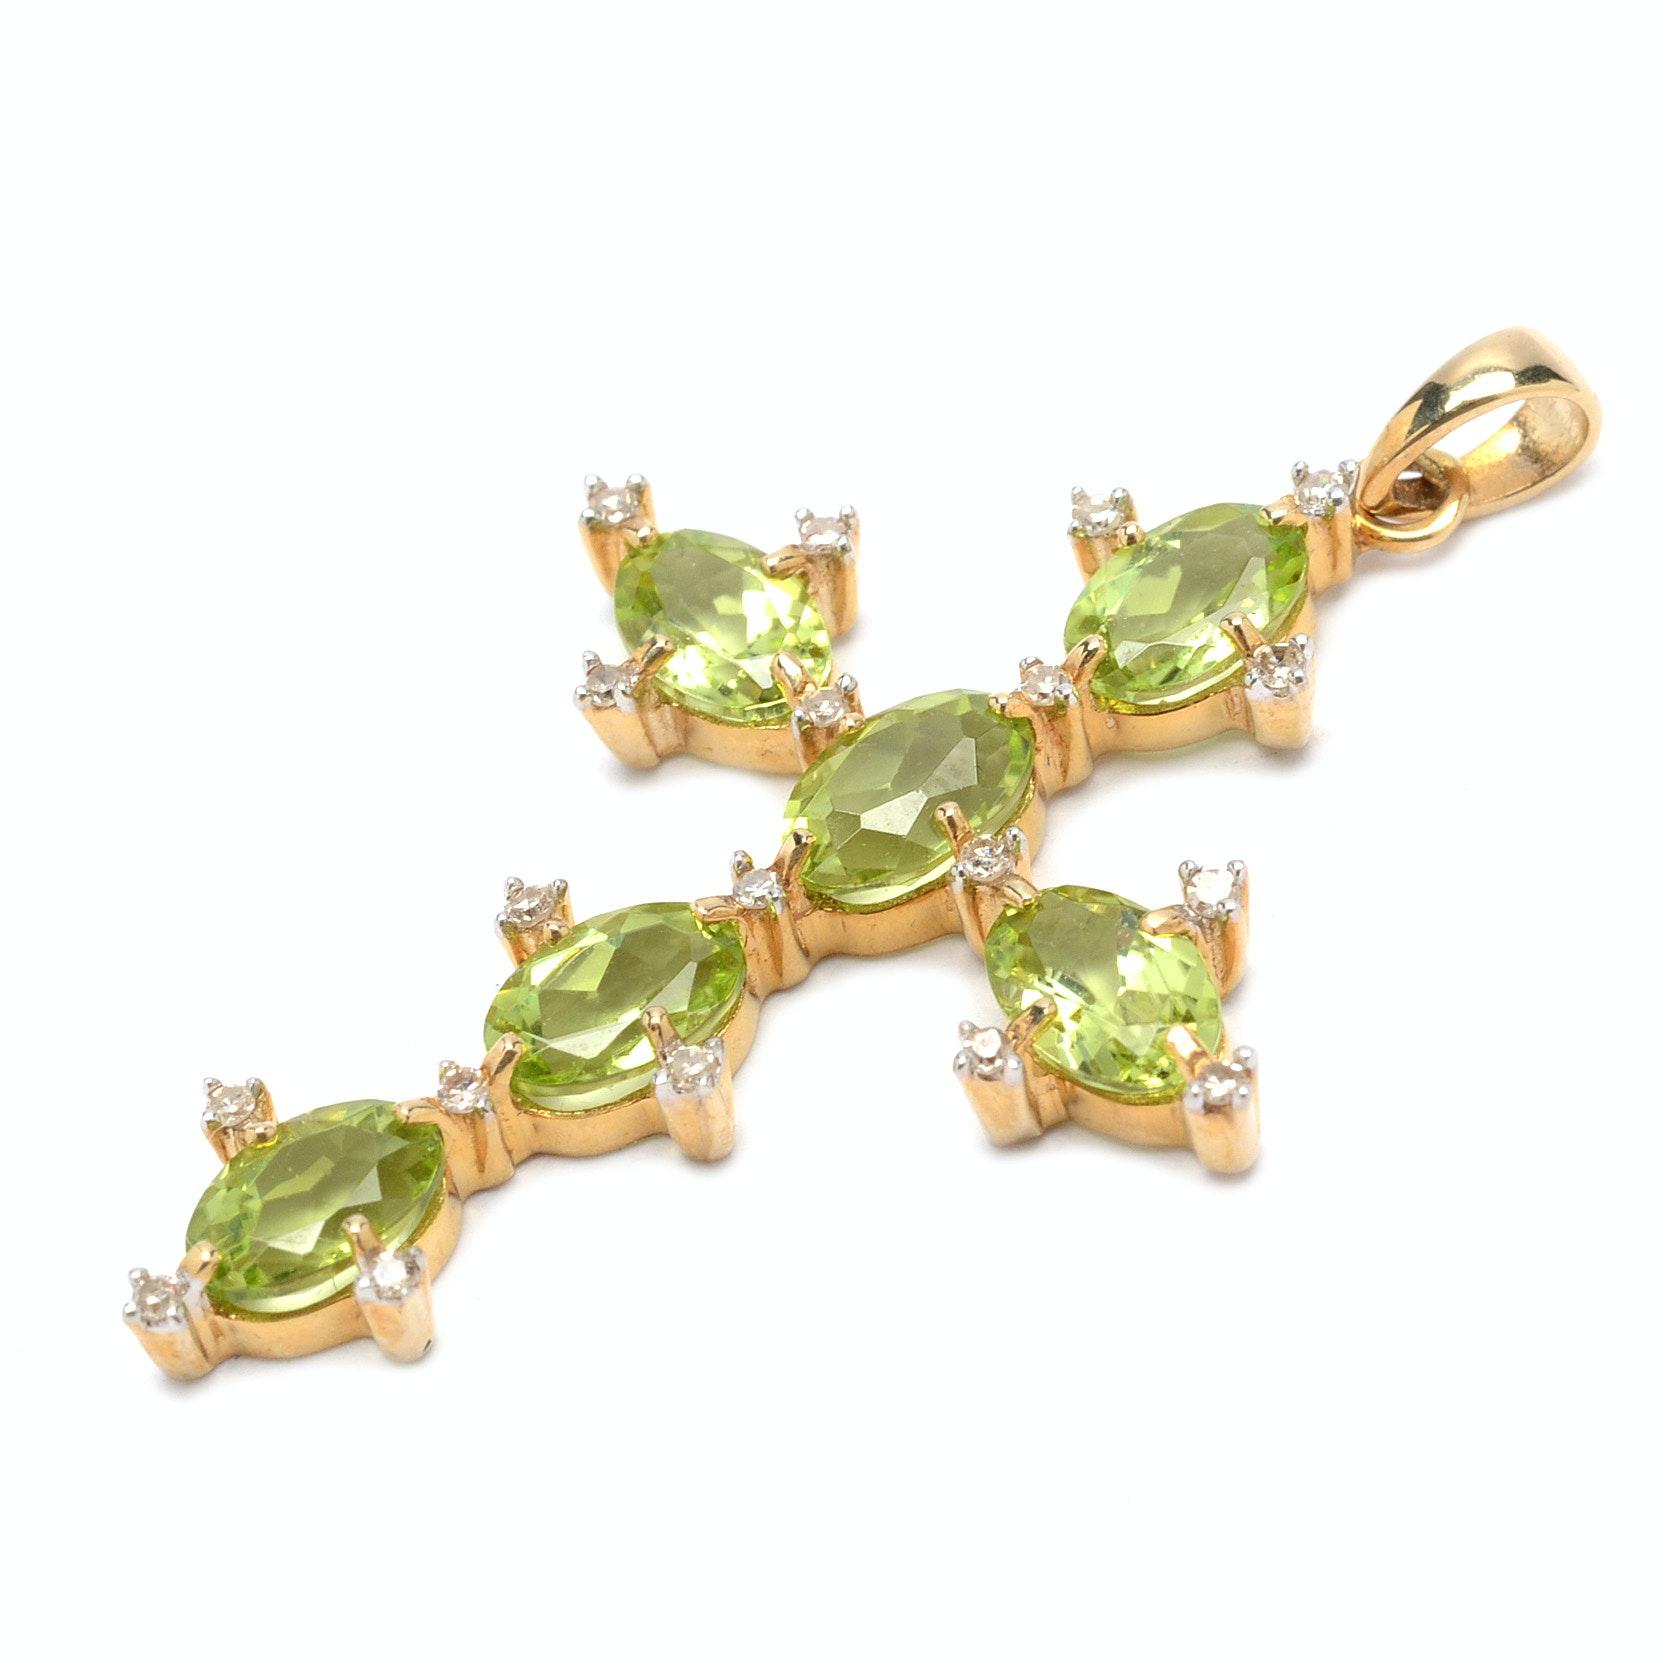 14K Yellow Gold Peridot and Diamond Cross Pendant